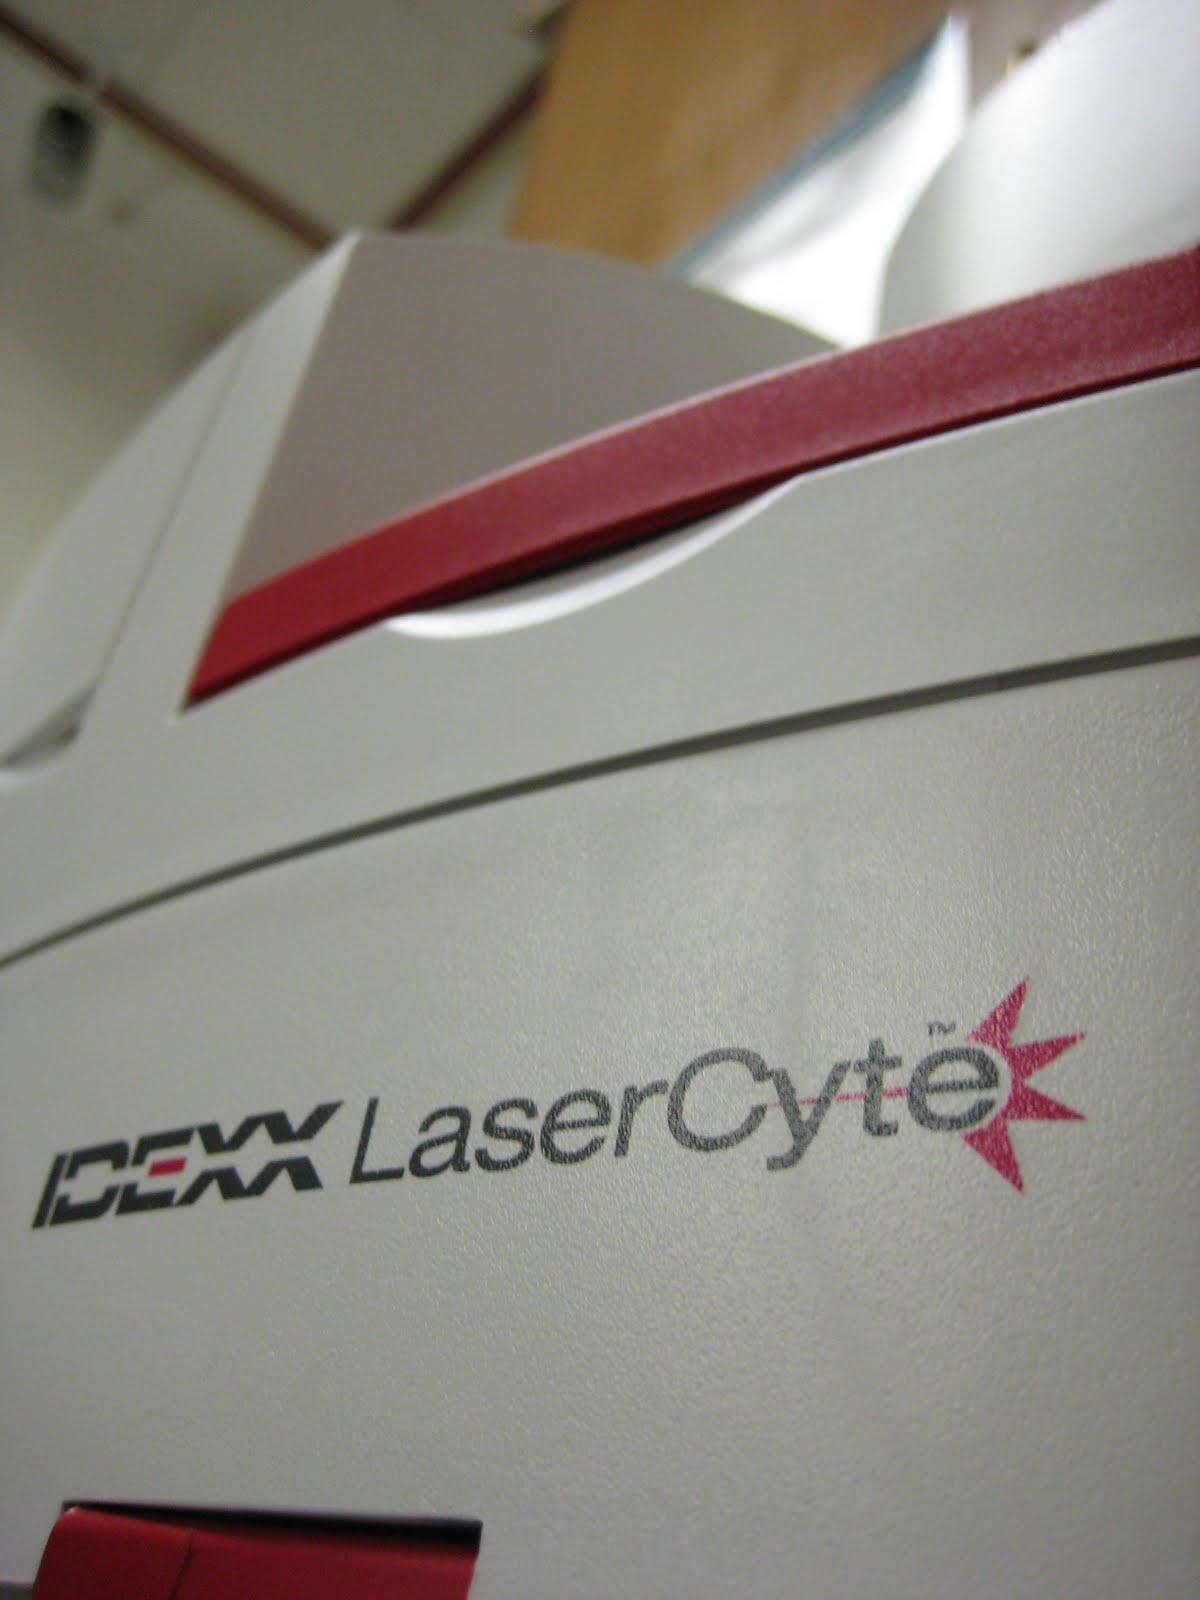 idexx cbc machine